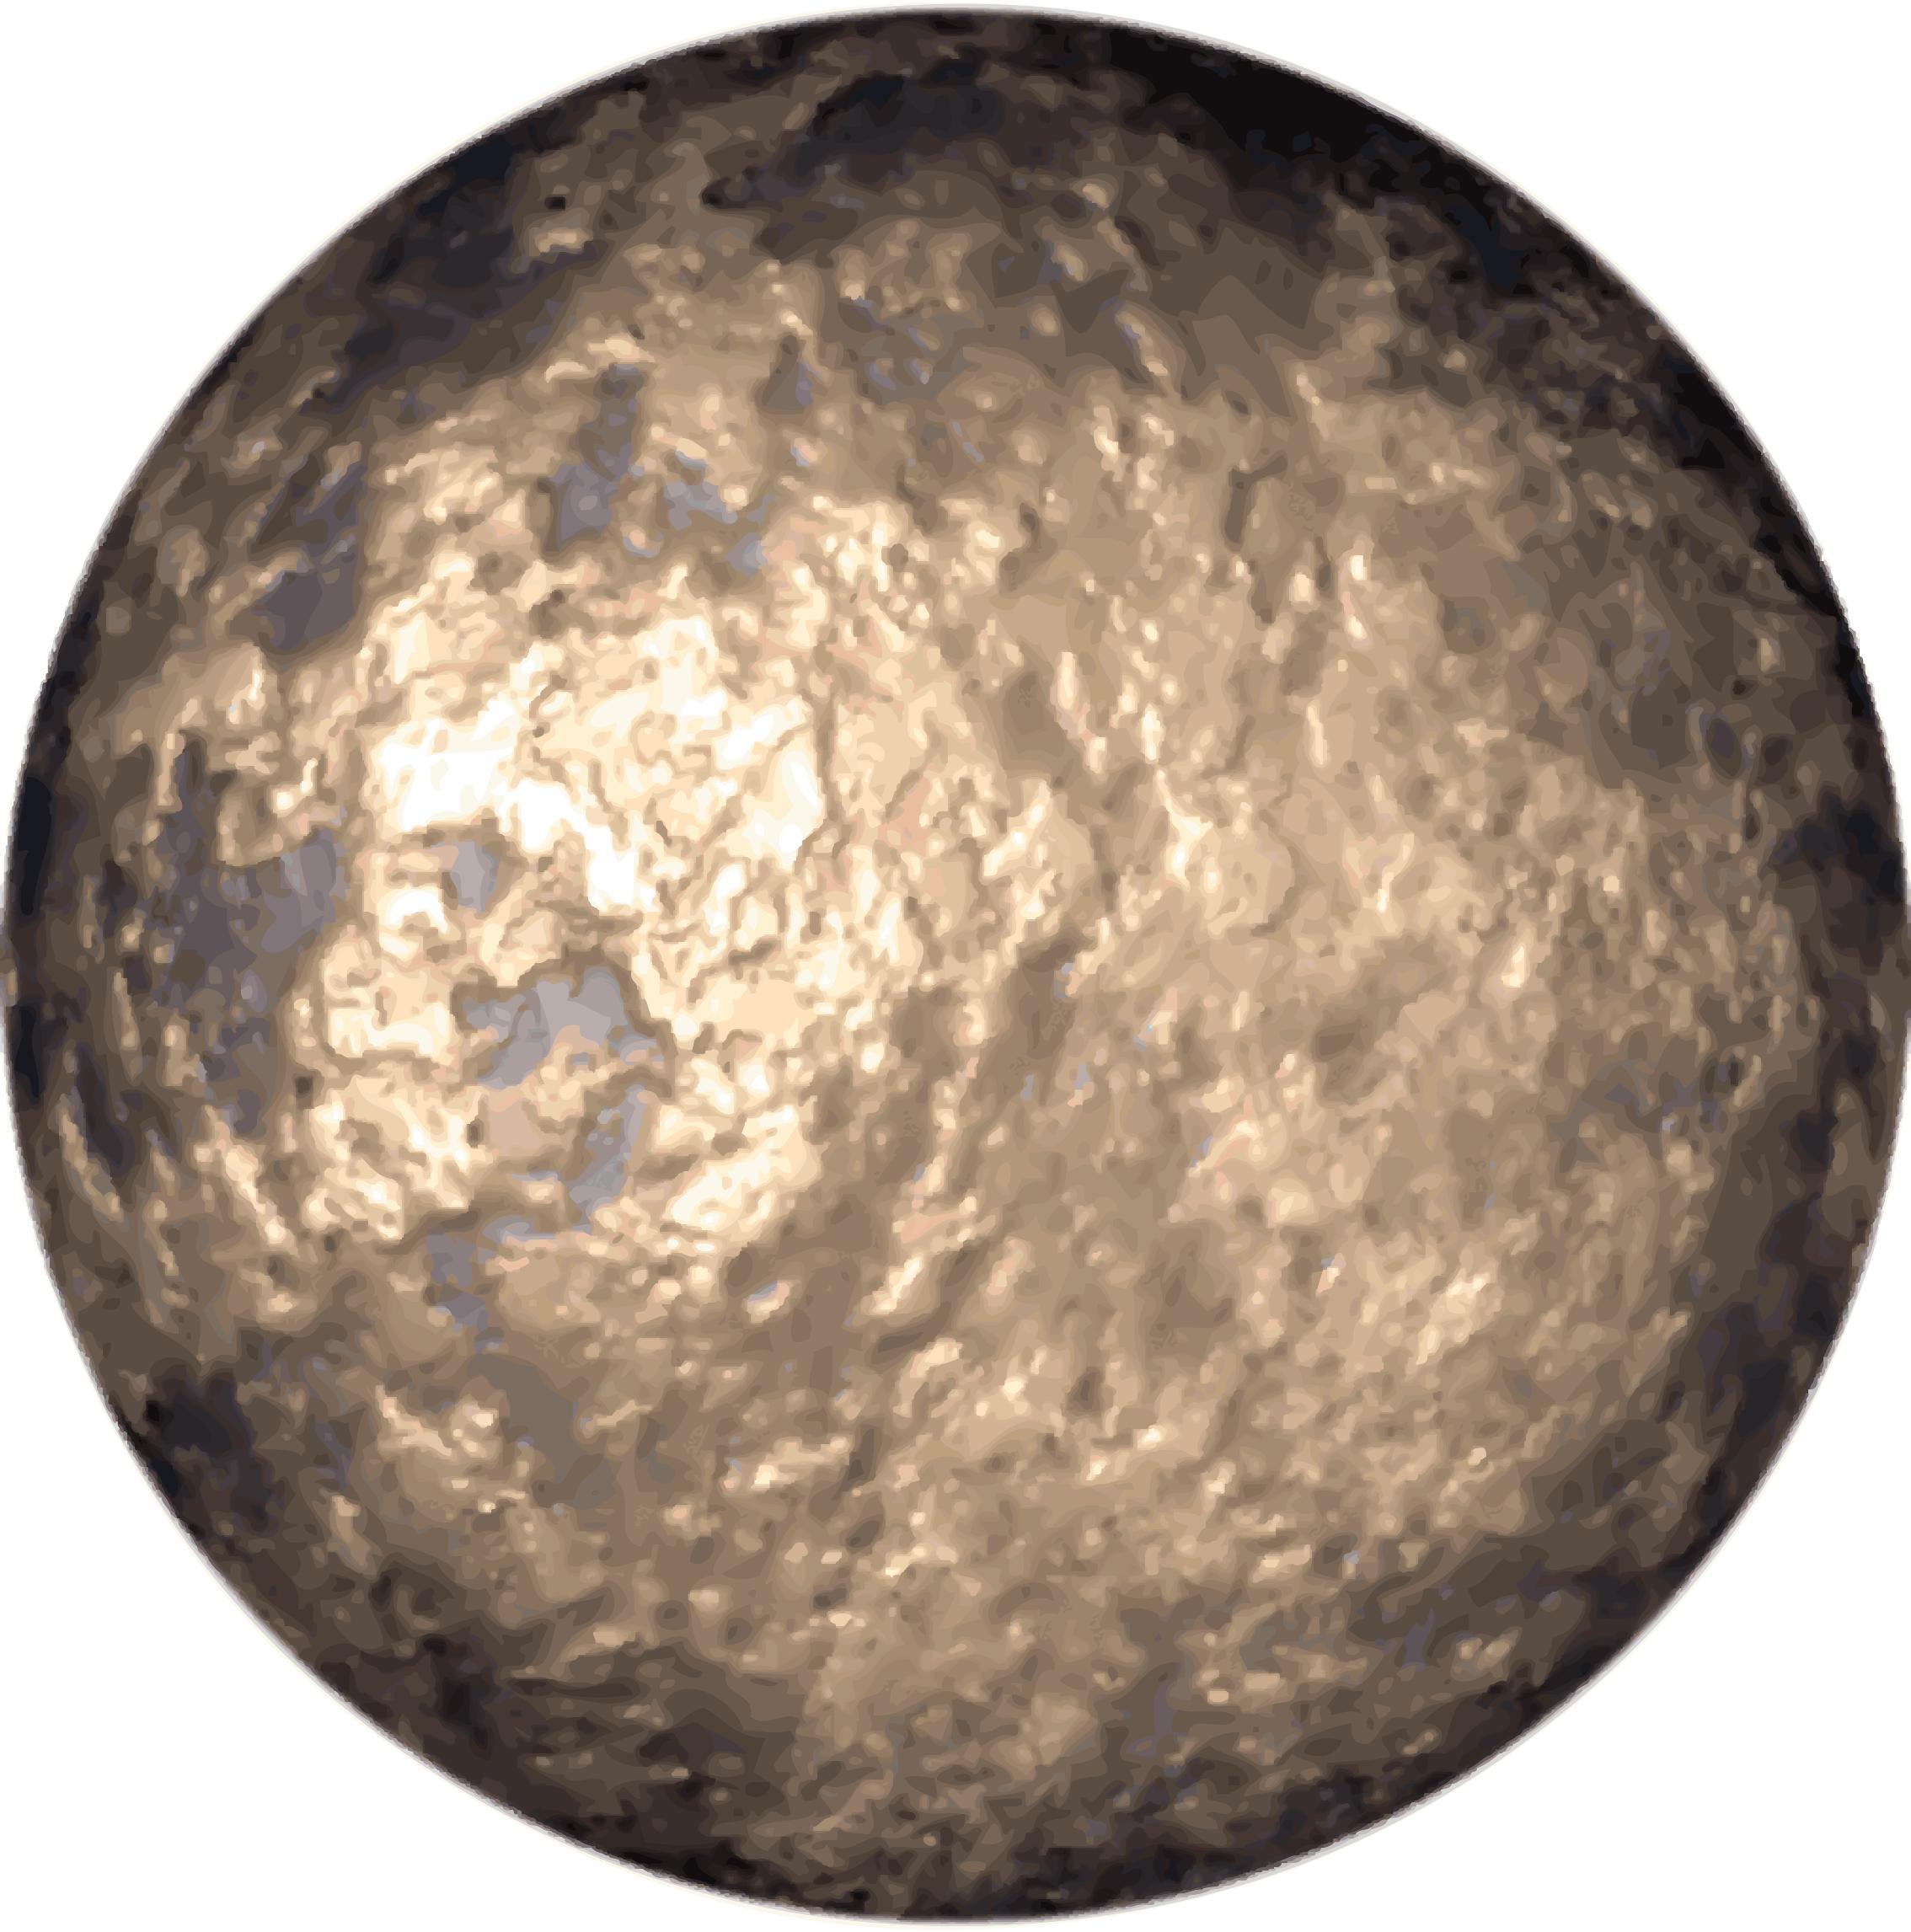 Big image png. Clipart moon pretty